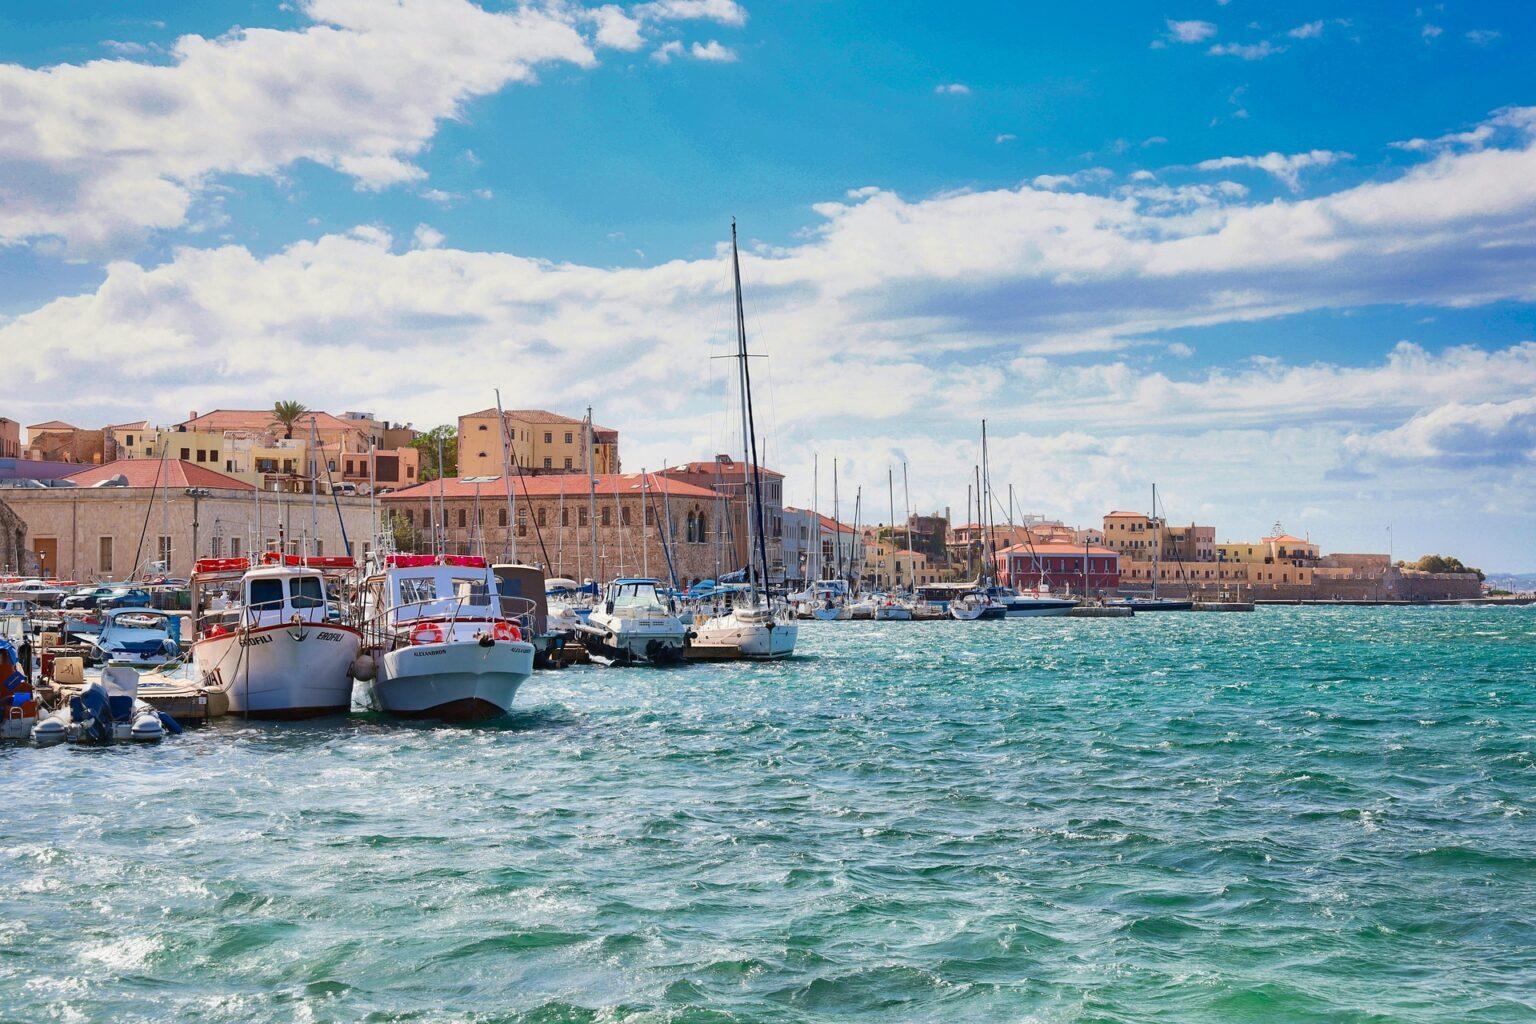 Griechenland Urlaub ab Mai 2021 - Urlaub buchen mit ...